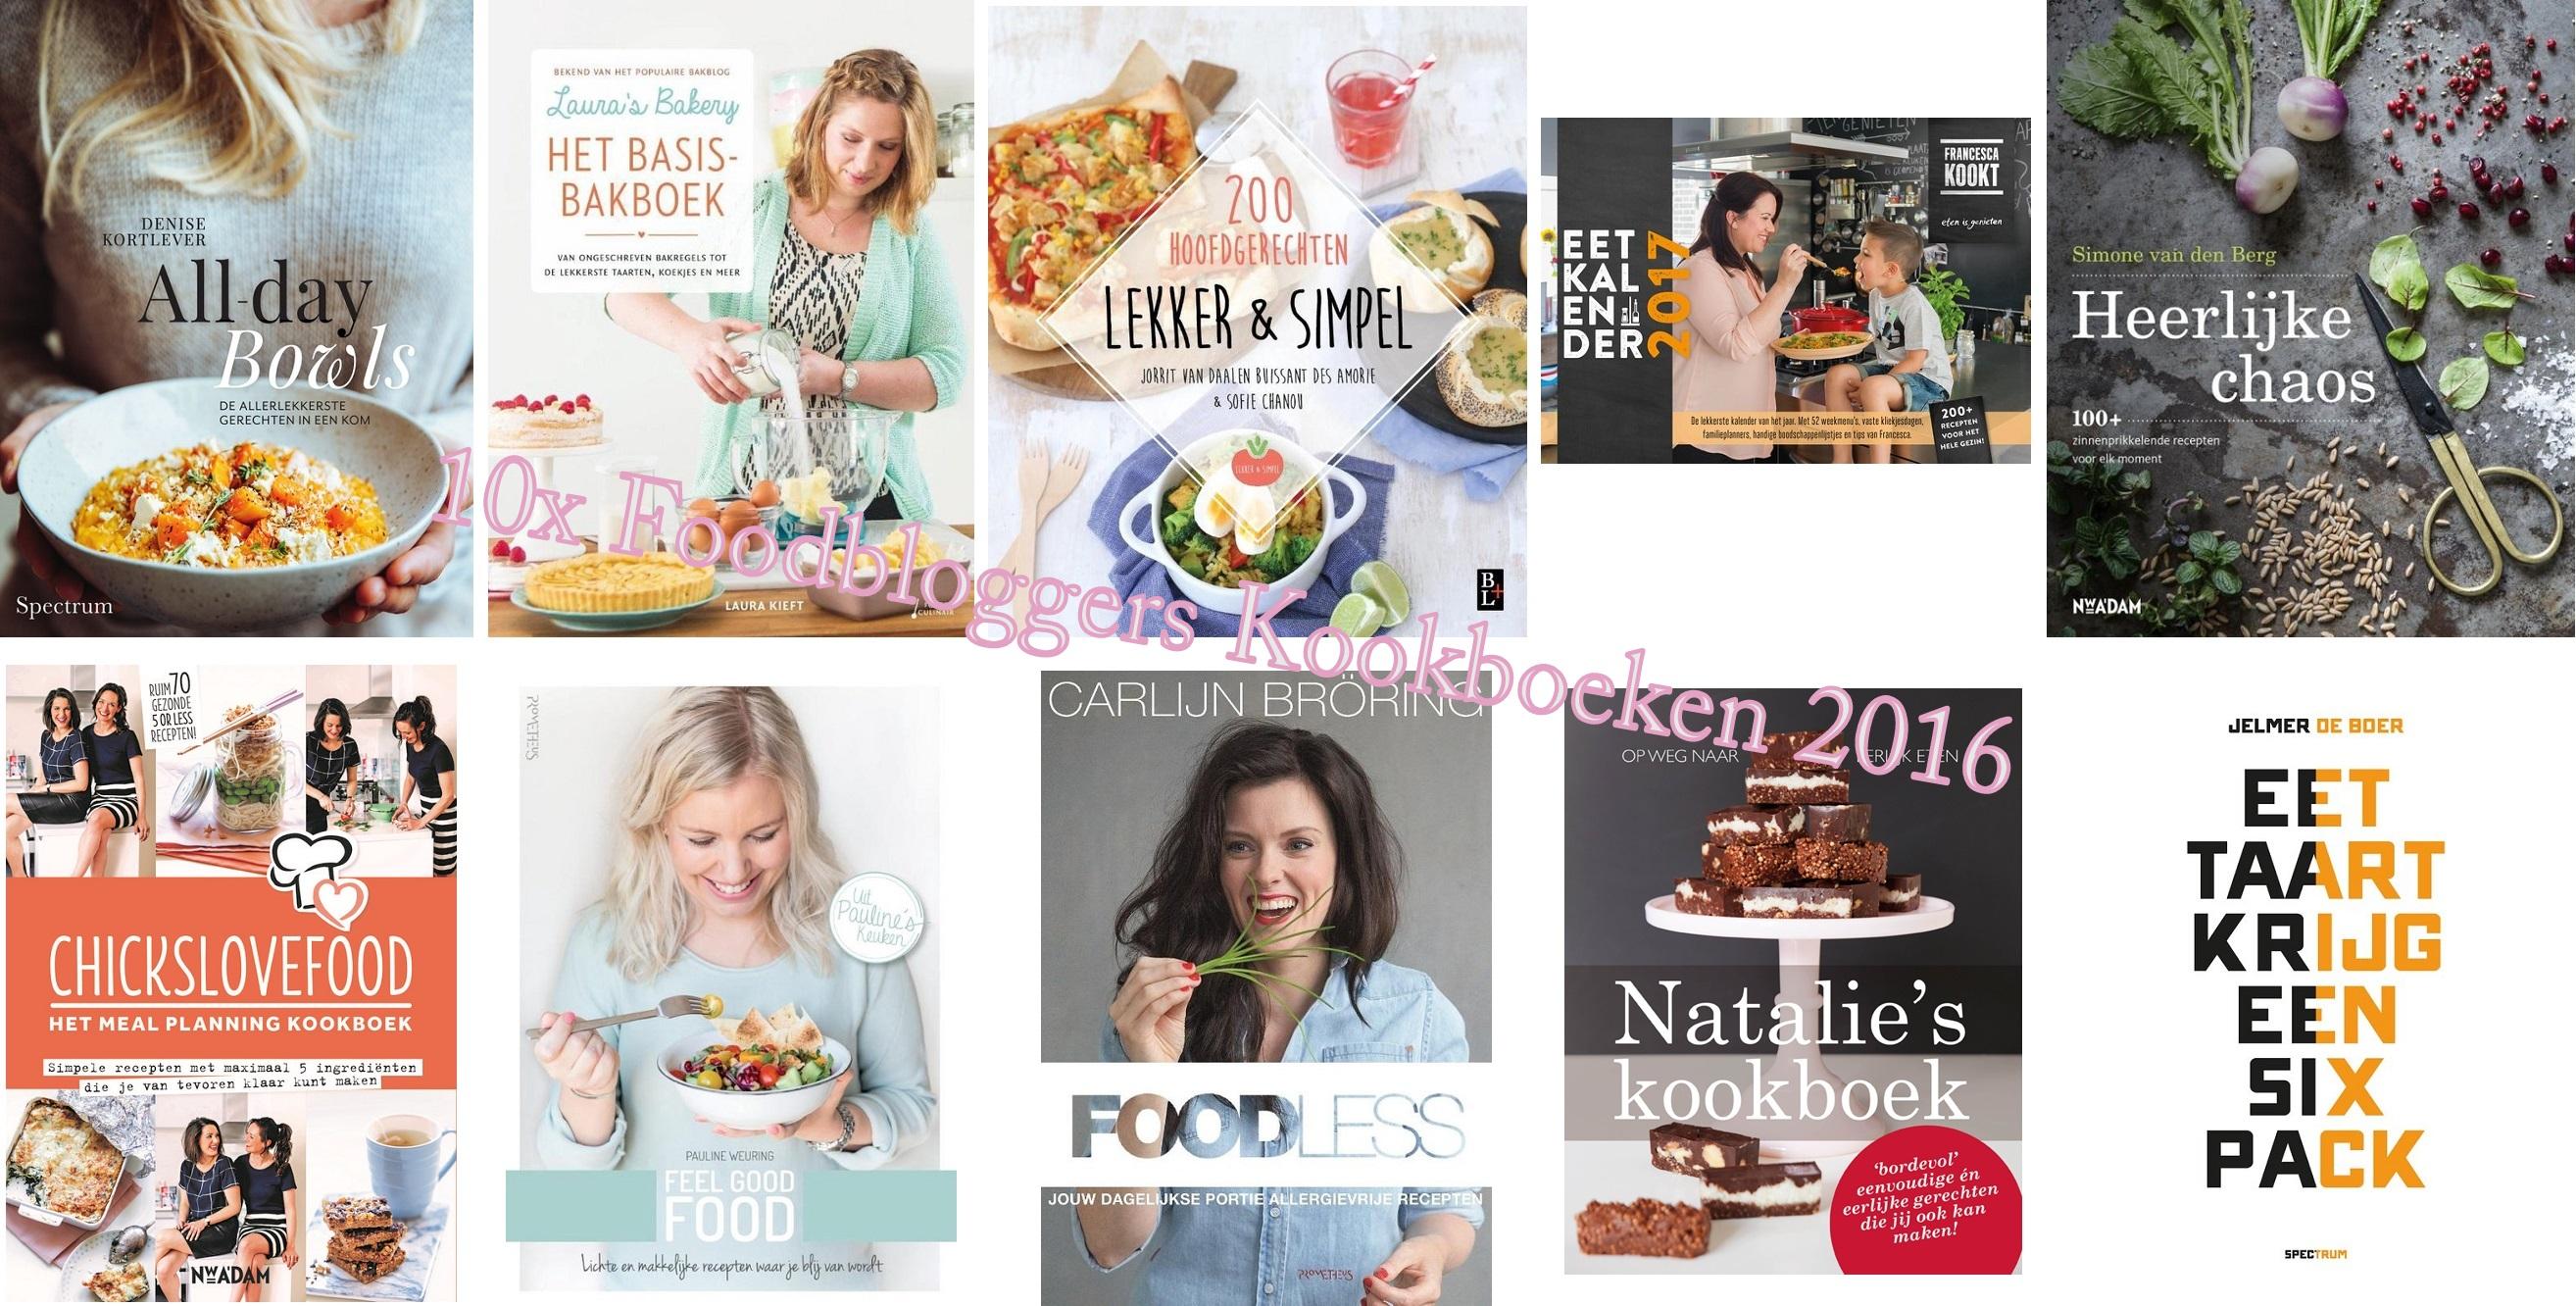 10x Foodbloggers Kookboeken 2016: